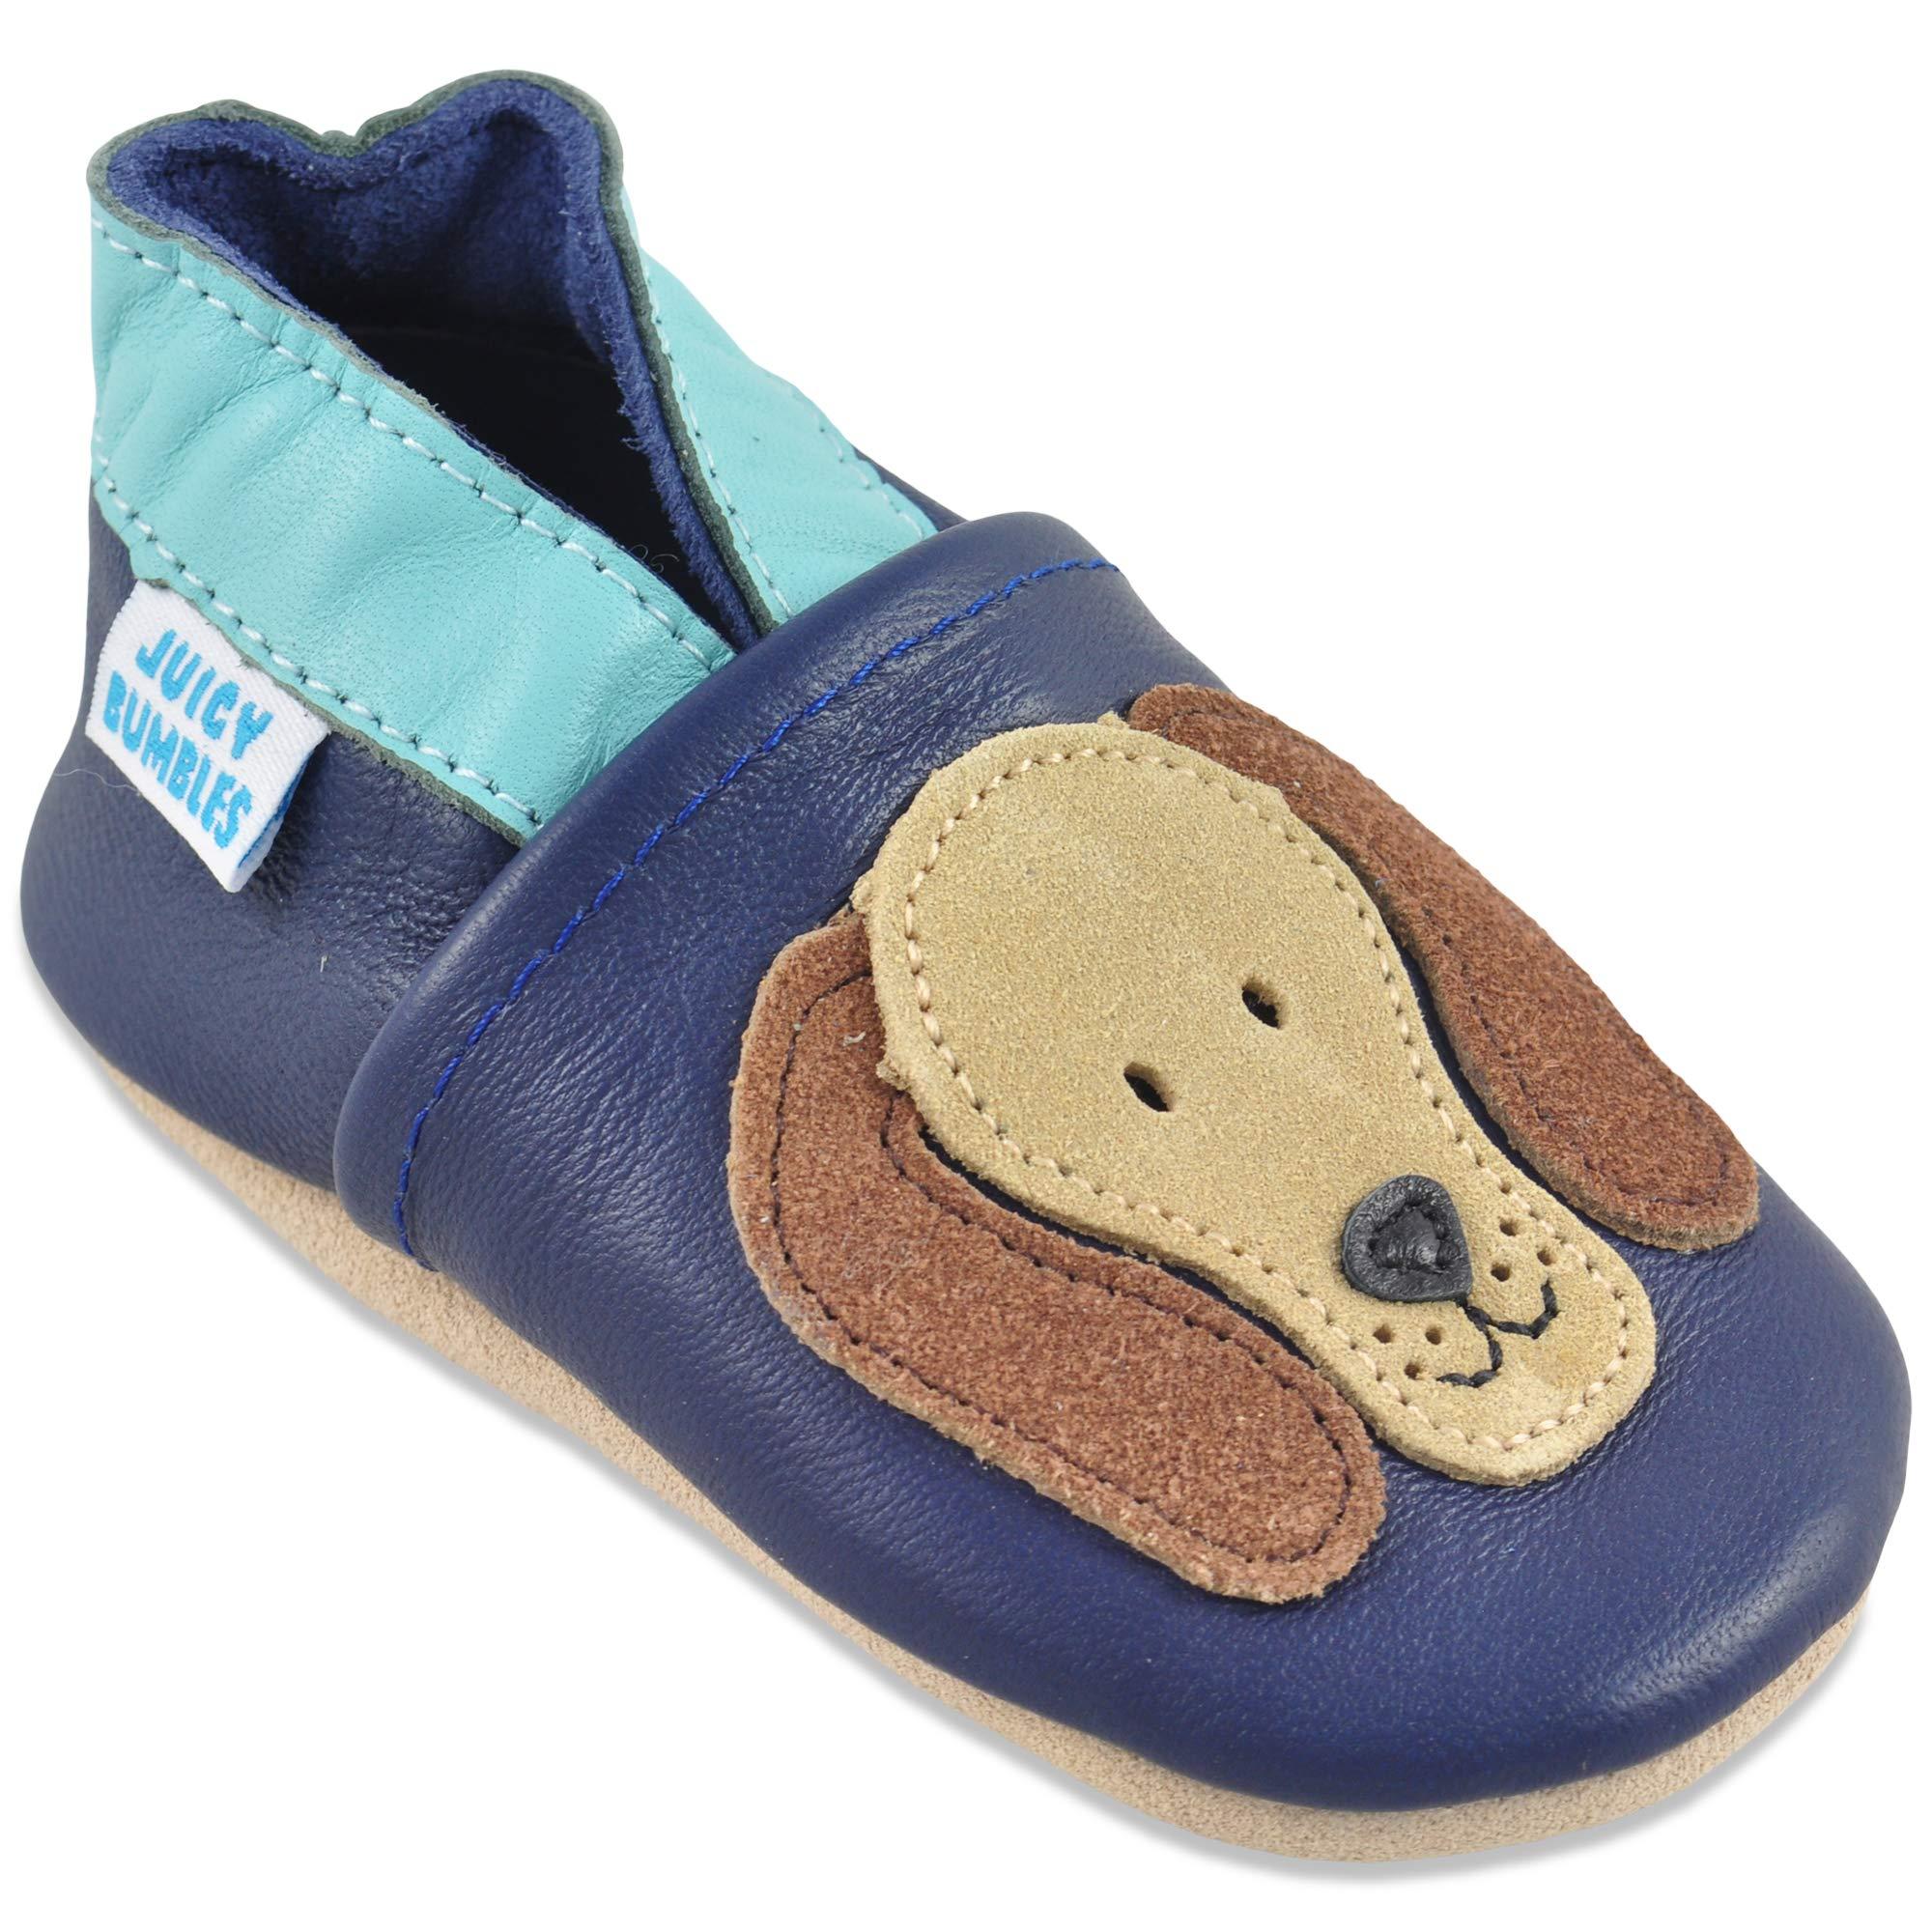 5e101a7cb78b2 Juicy Bumbles Chaussures Bébé - Chaussons Bébé - Chaussons Cuir Souple - Chaussures  Cuir Souple Premiers